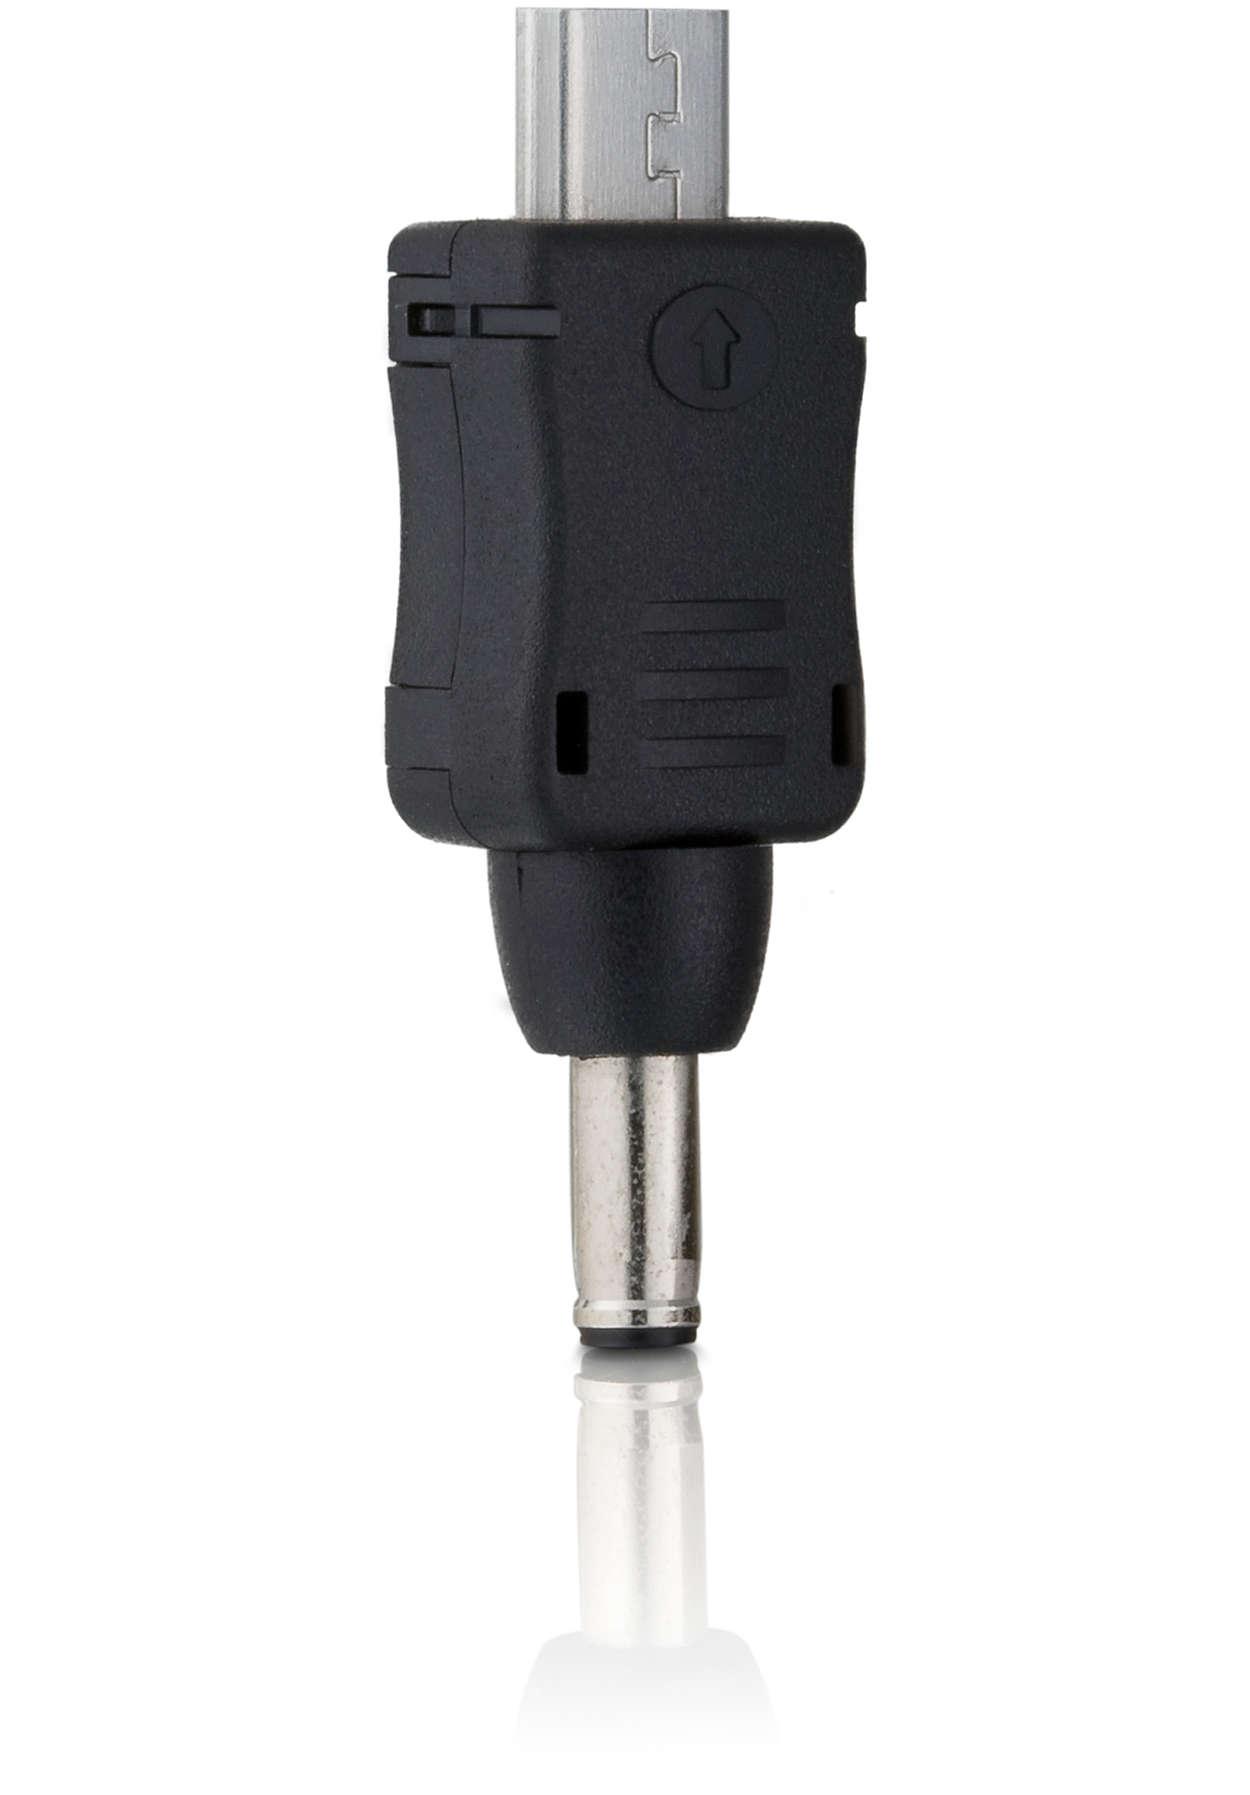 Anslutningskontakt för telefoner med mikro-USB-anslutning